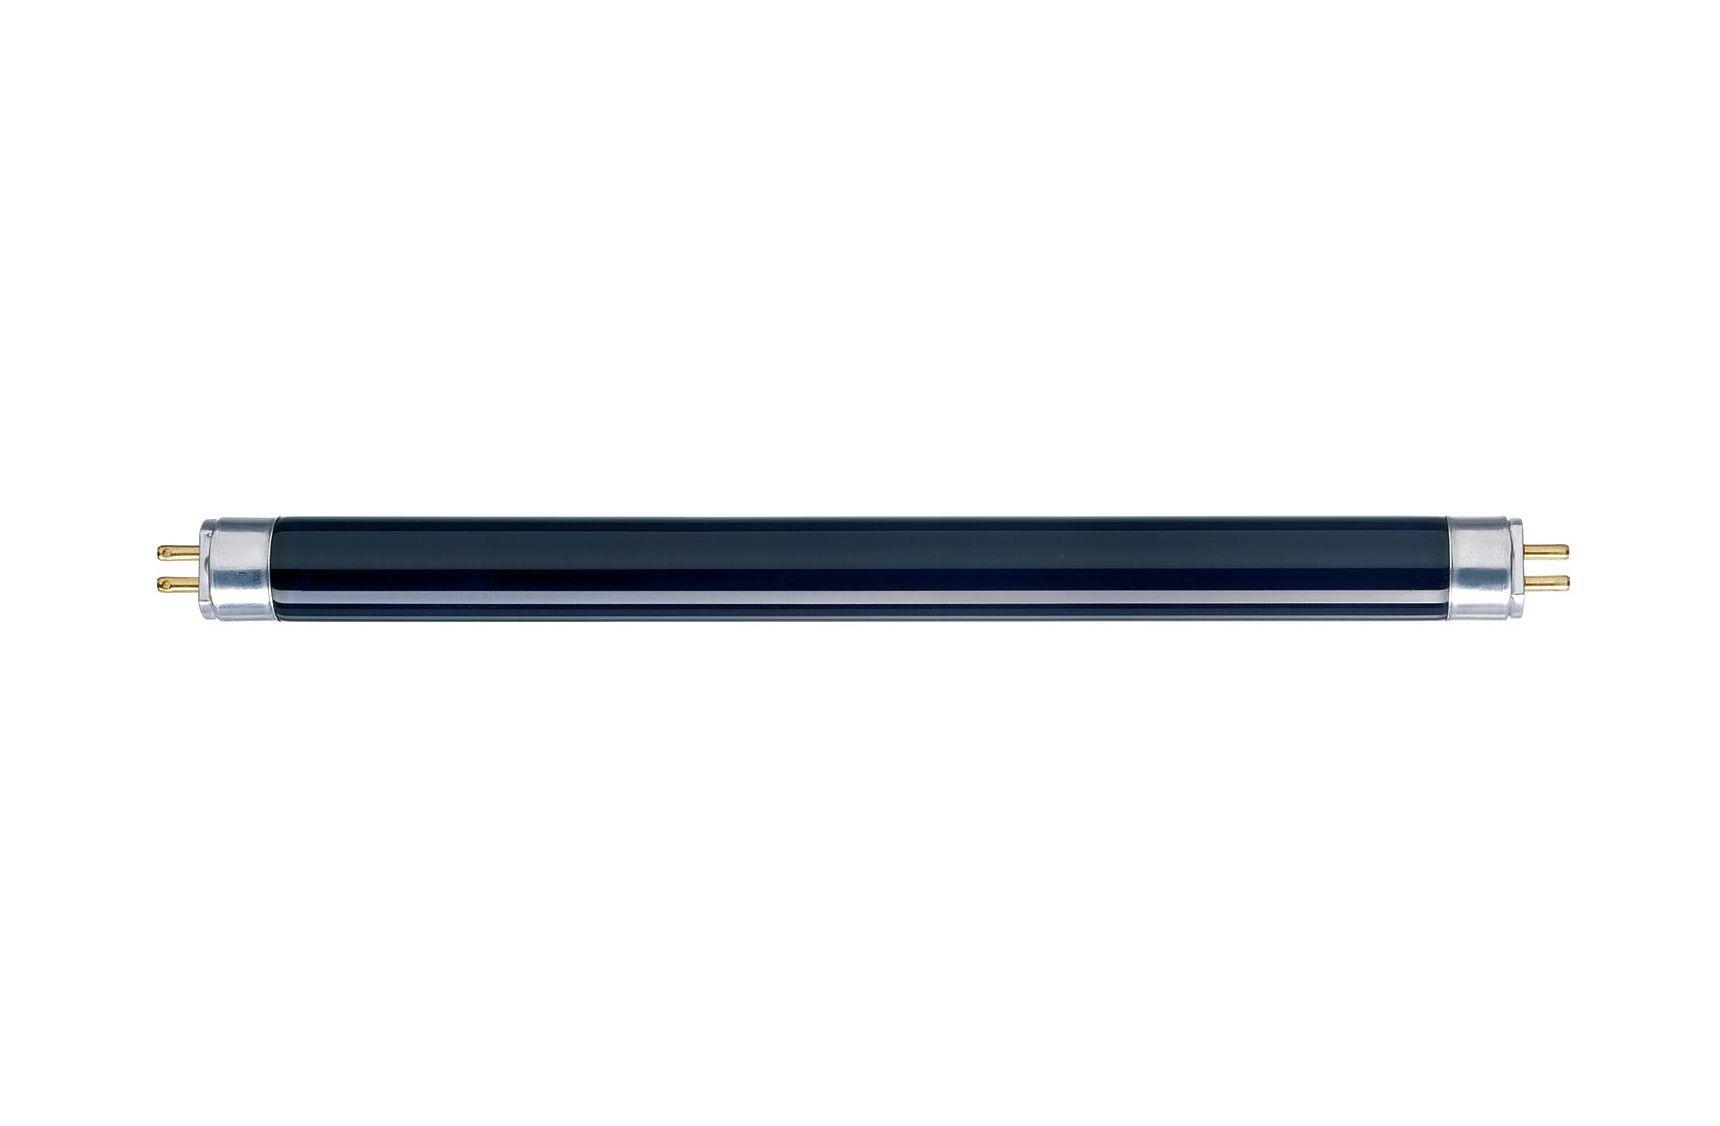 Купить Лампа люминесцентная Philips TL 4W BLB 1FM/10X25CC 136мм 4Вт d16 G5 (мягкий УФ)